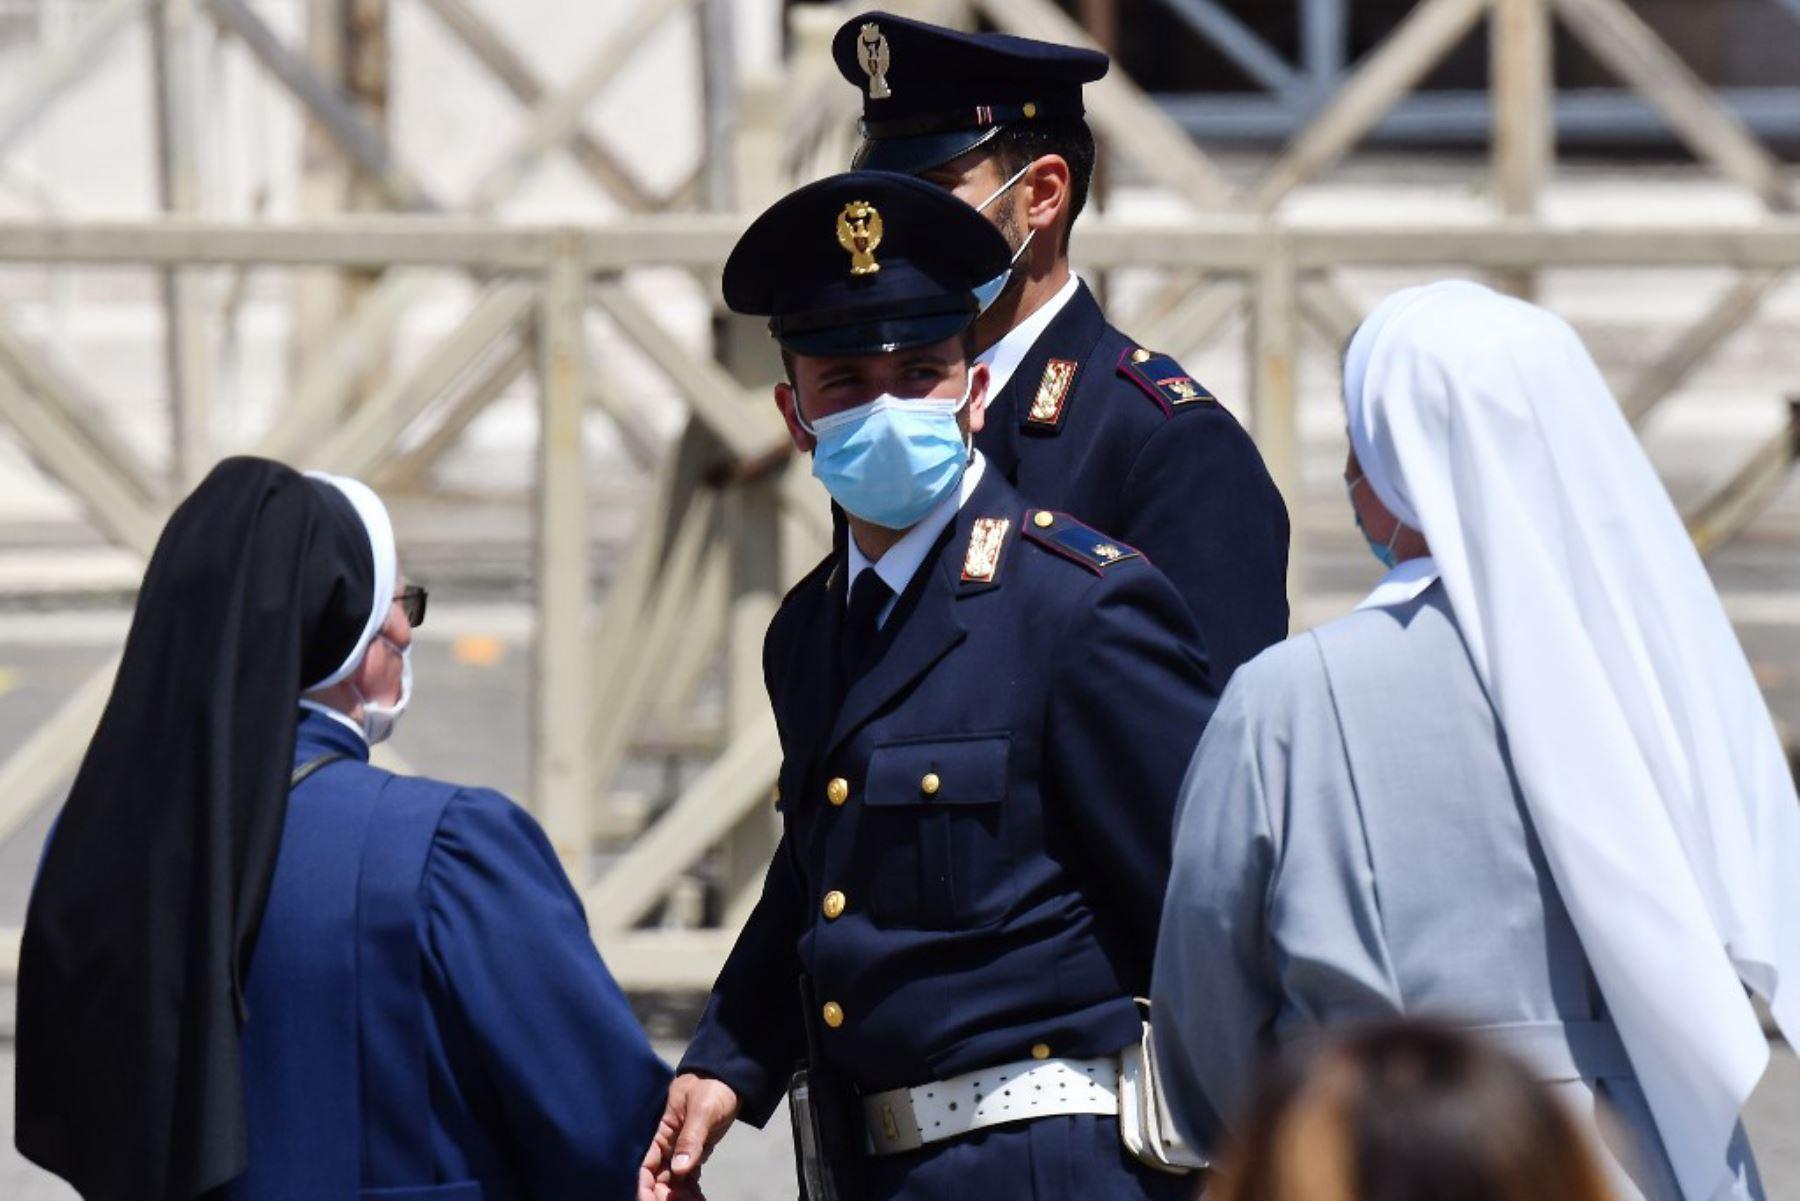 Medidas de seguridad en la Plaza de San Pedro en el Vaticano, durante la oración semanal del Ángelus, mientras la ciudad-estado alivia su bloqueo para frenar la propagación del covid-19. Foto: AFP